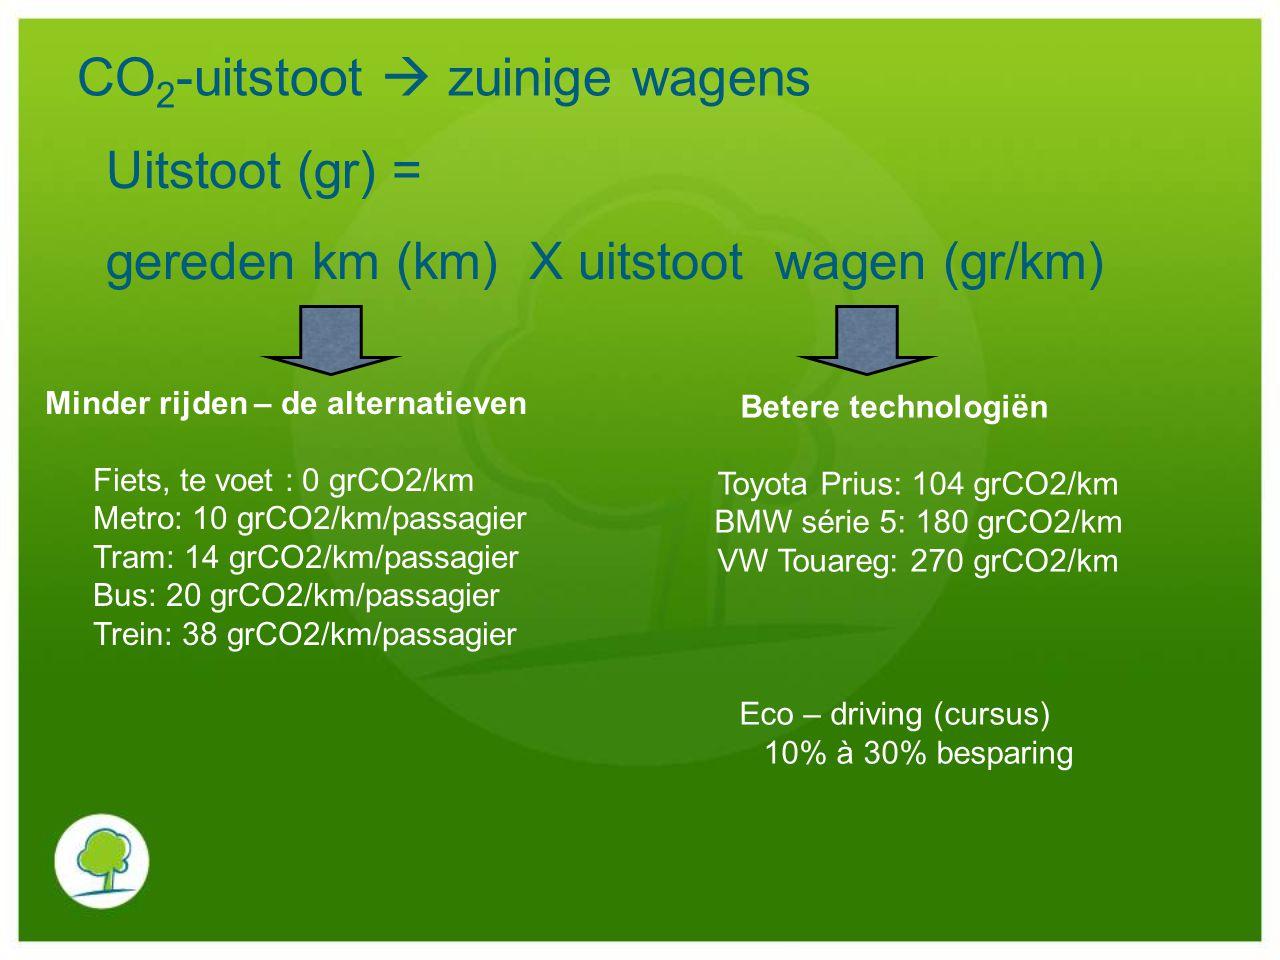 CO 2 -uitstoot  zuinige wagens Uitstoot (gr) = gereden km (km) X uitstoot wagen (gr/km) Minder rijden – de alternatieven Fiets, te voet : 0 grCO2/km